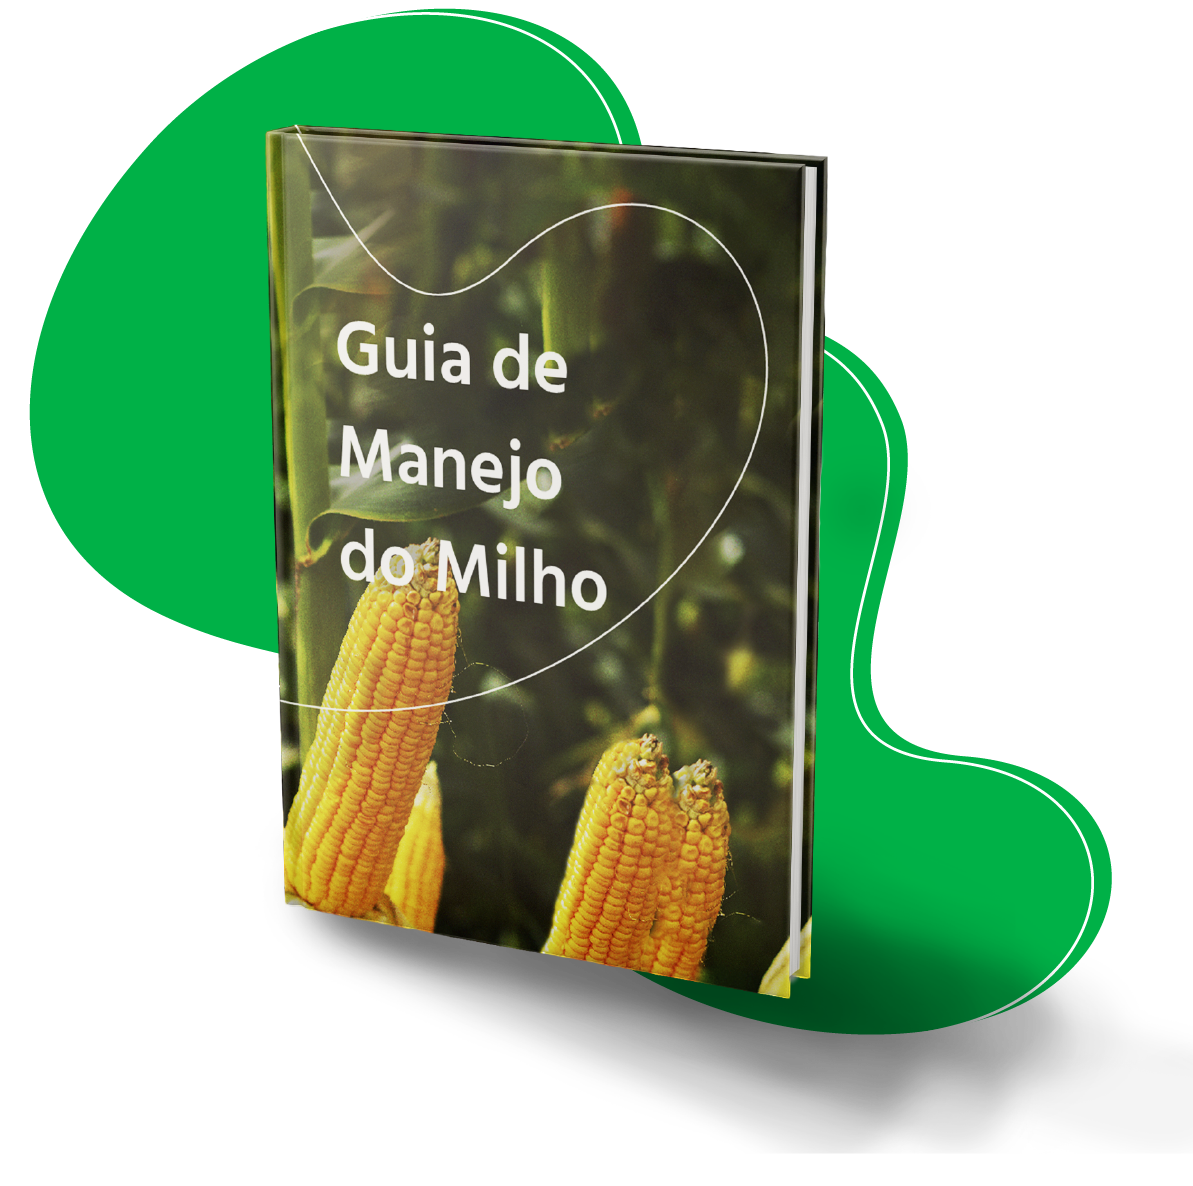 Guia de manejo do milho (meramente ilustrativo)